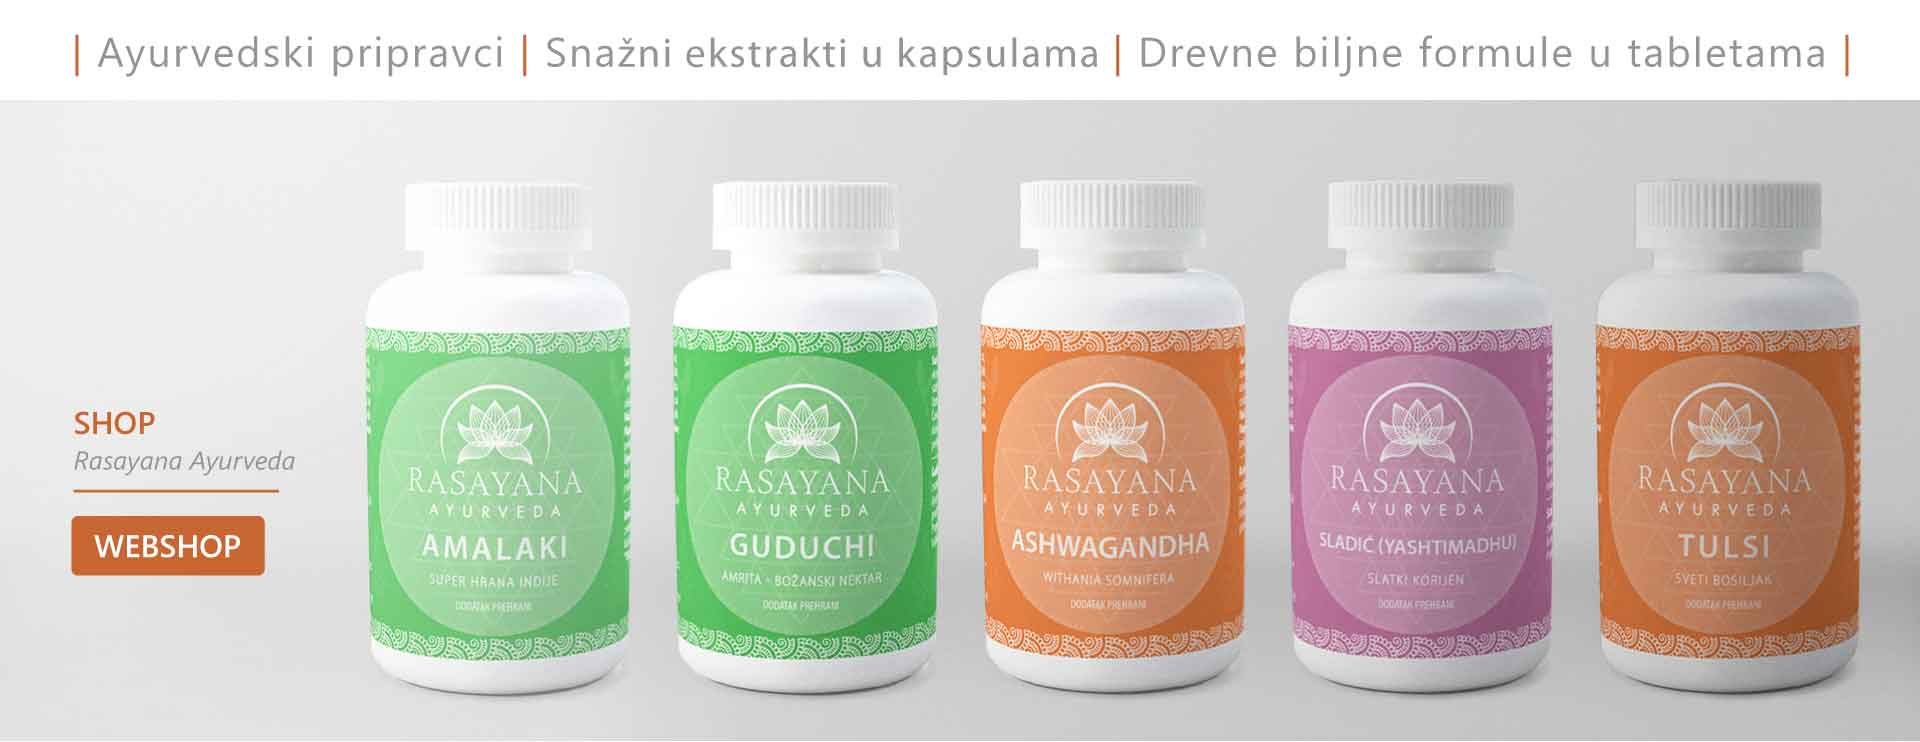 Ayurvedski pripravci rasayana, Dodaci prehrani koji pospješuju imunitet, biljke za imunitet, tablete za imunitet